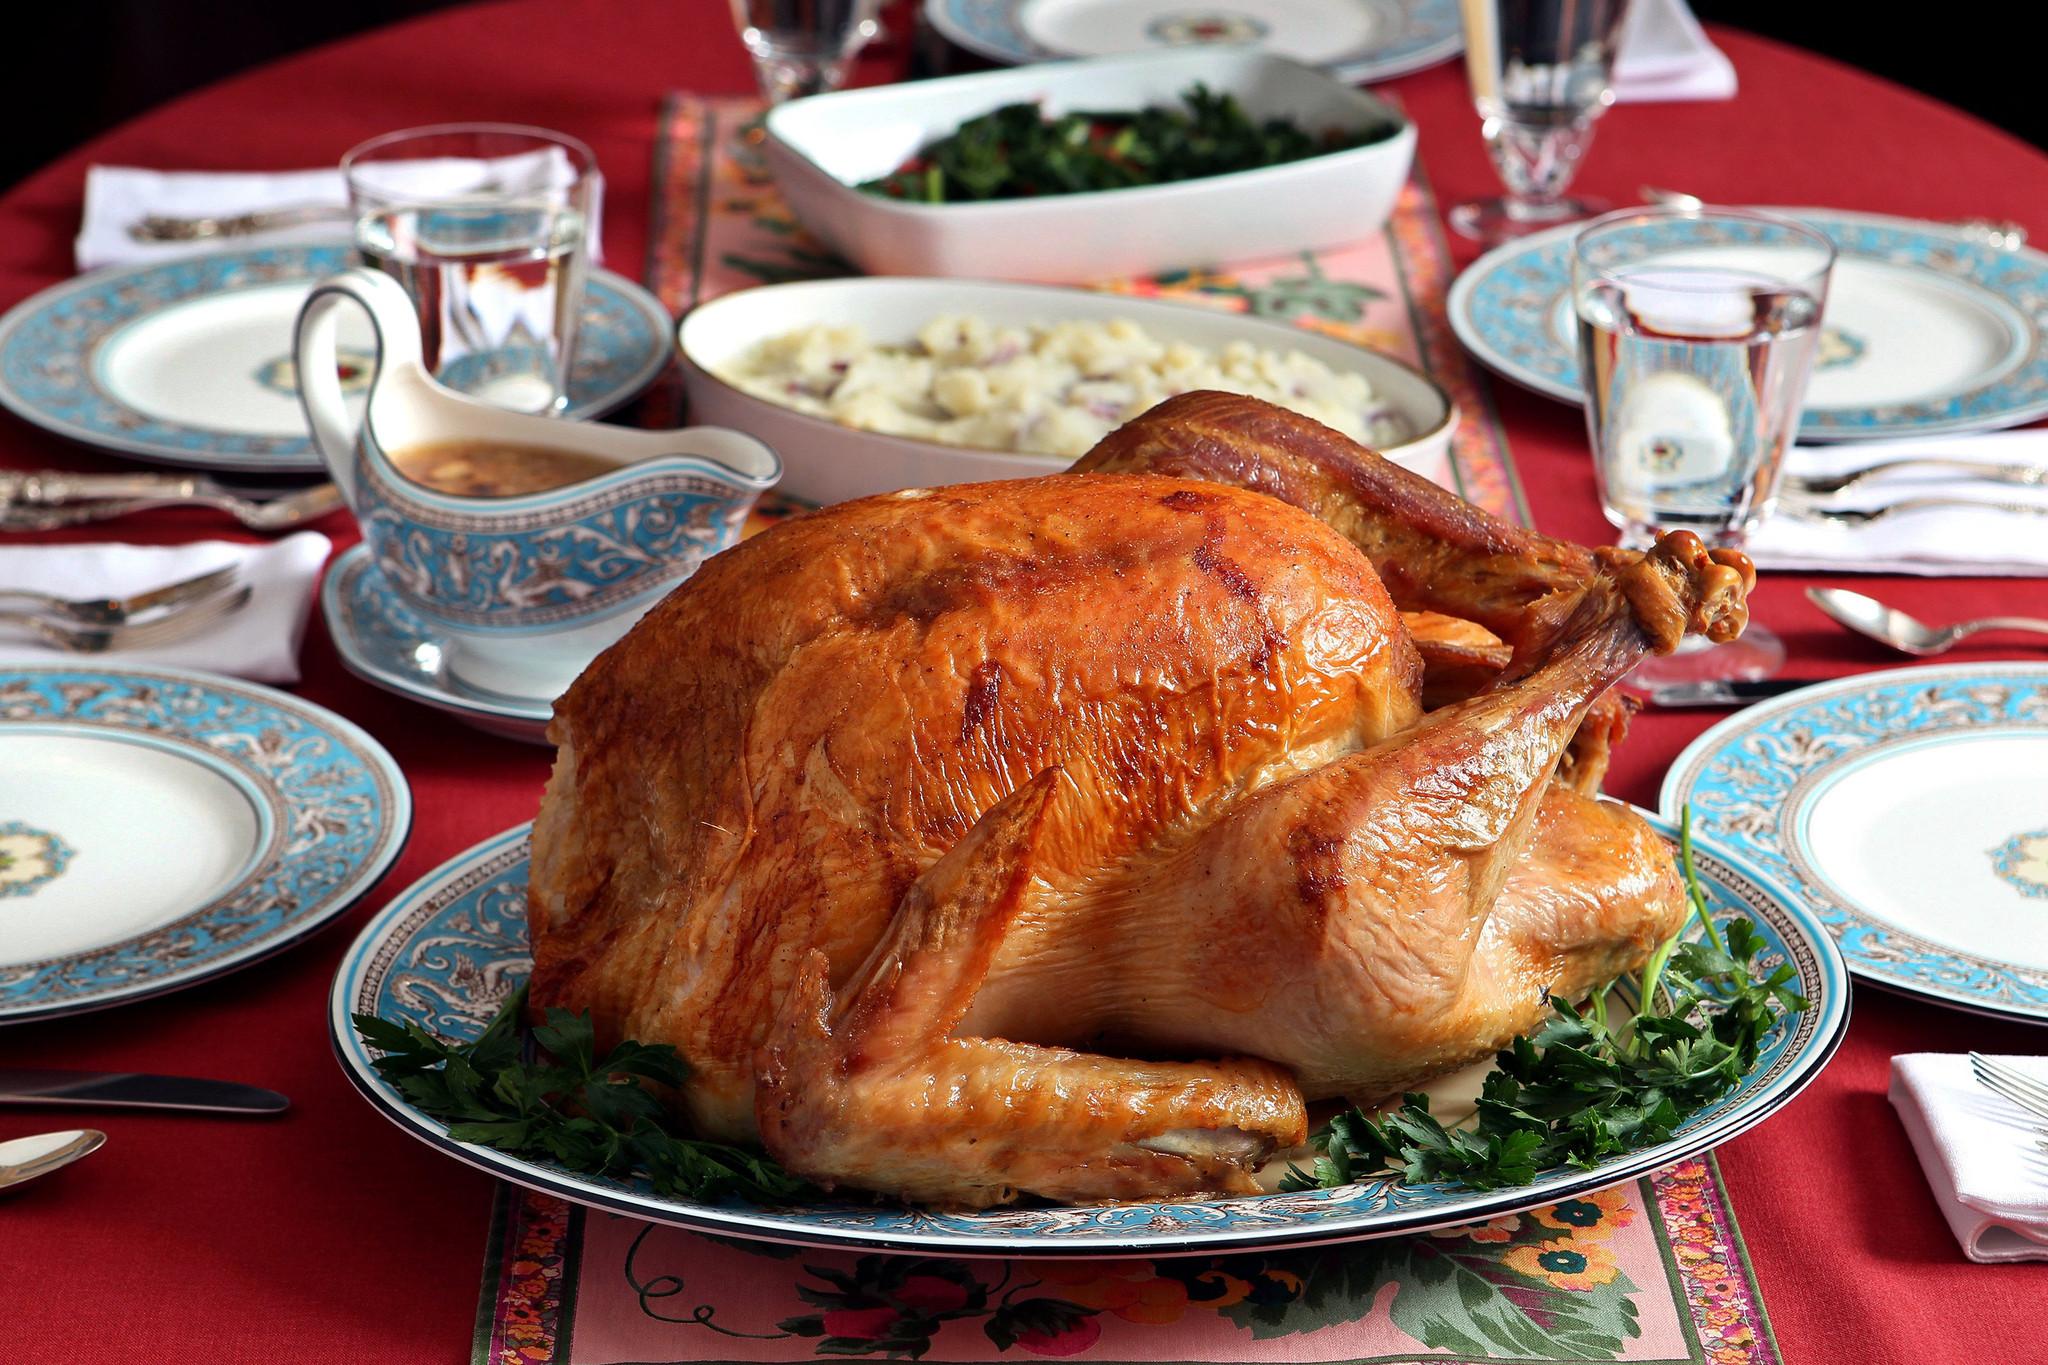 Thanksgiving Dinner Restaurant  Thanksgiving restaurant dining options in Baltimore